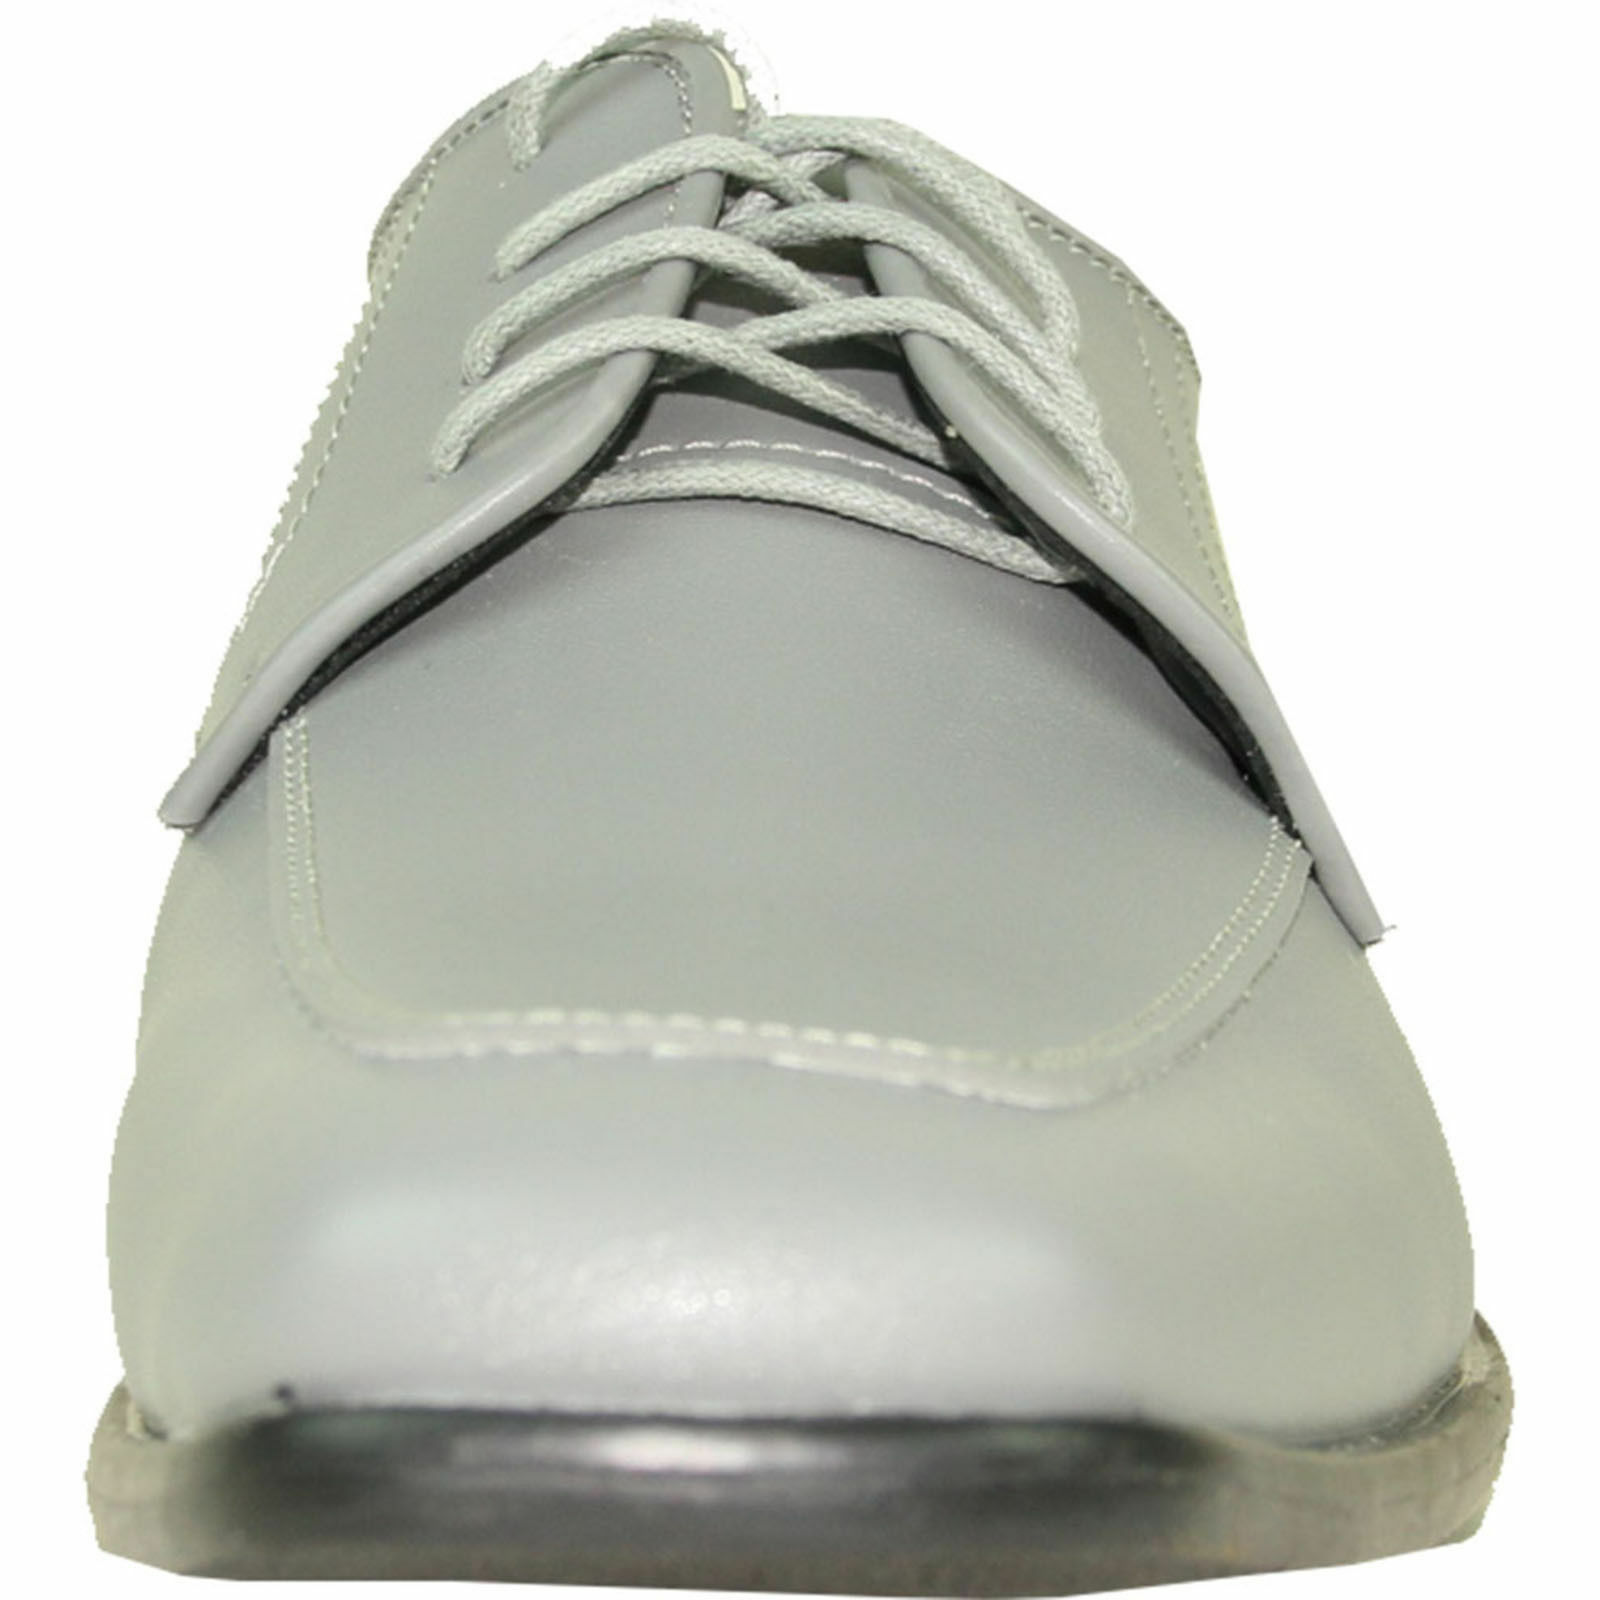 ALLURE Uomo  AL01 Dress Shoe Shoe Shoe Formal Tuxedo Prom & Wedding Cement Grey 7f2a68